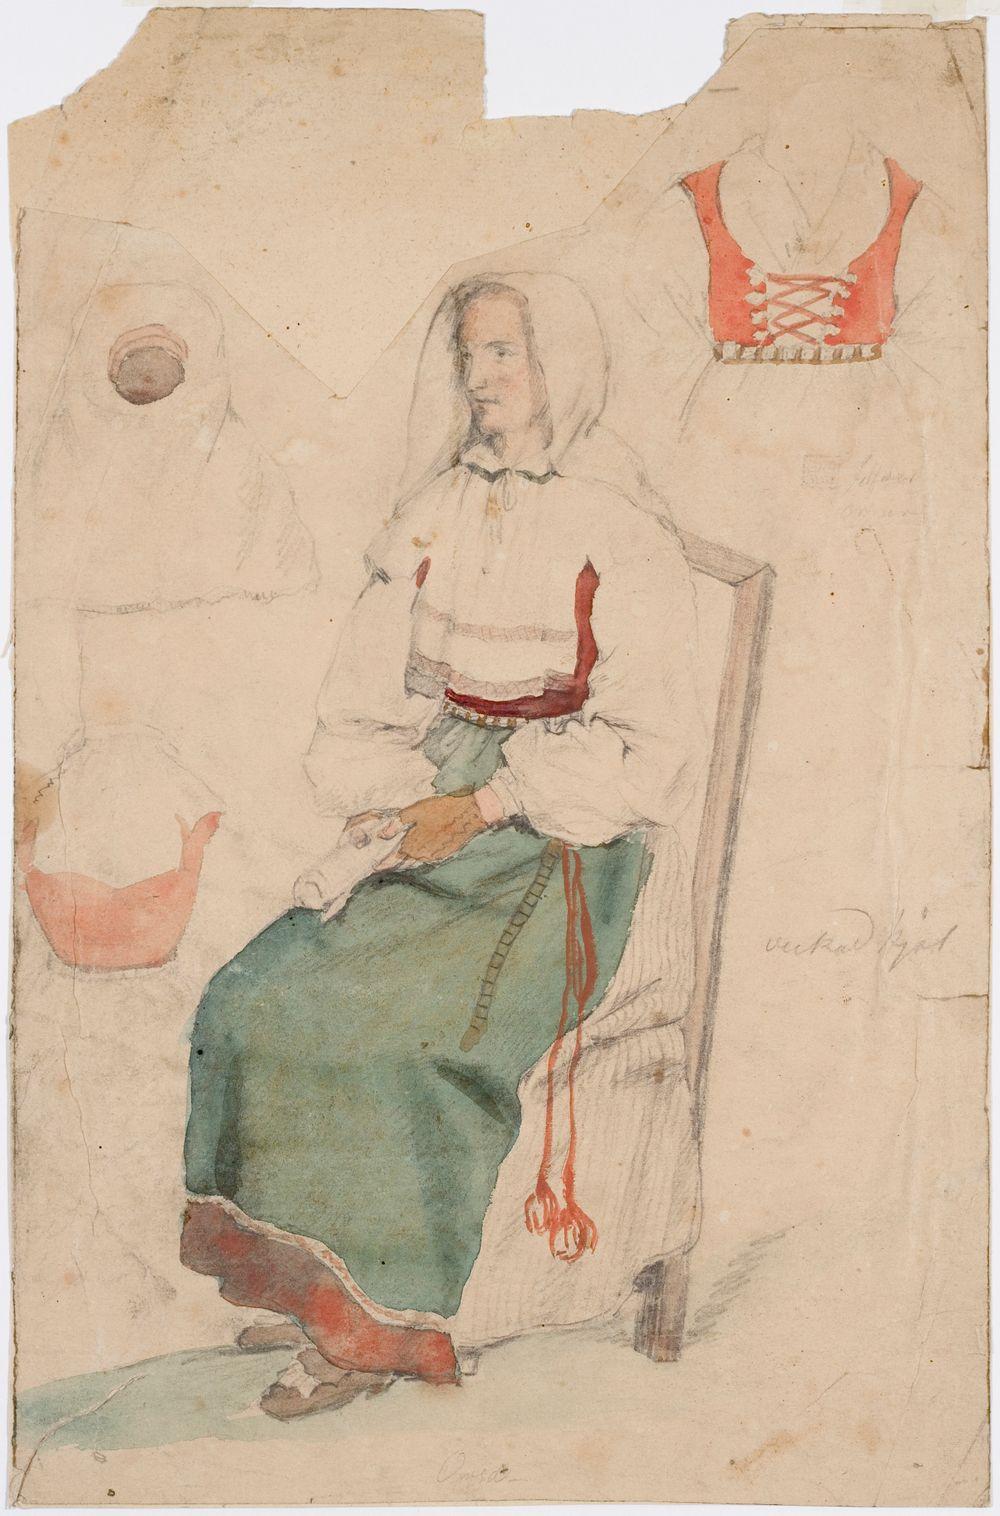 Kädet sylissä istuva nainen. Sivuilla harjoitelmat kolmesta vaatekappaleesta.